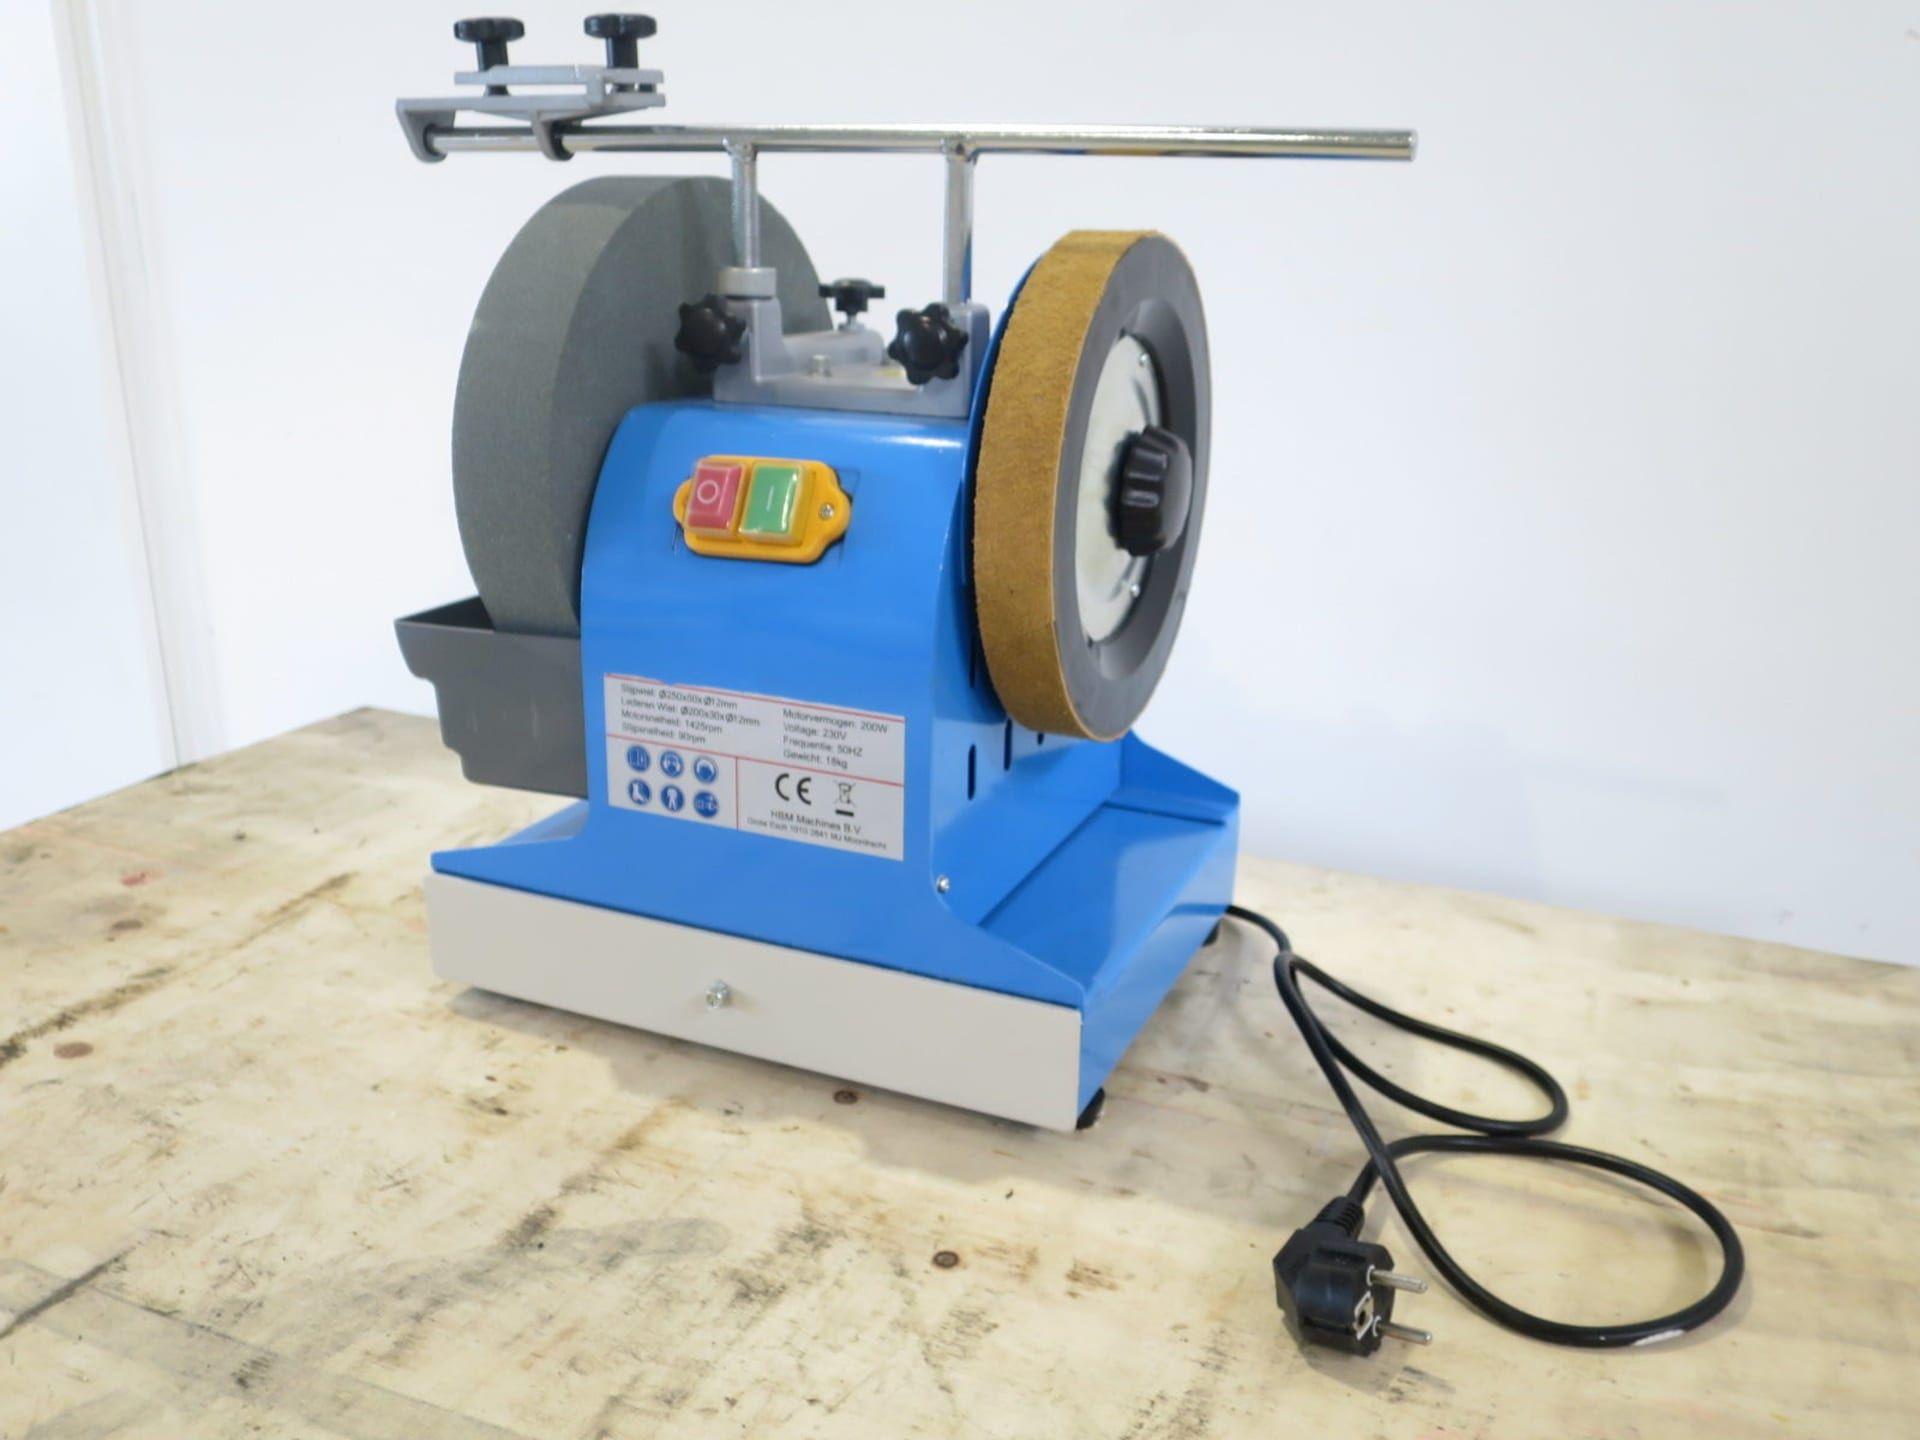 HBM HBM 250 Werkzeugschleifmaschine